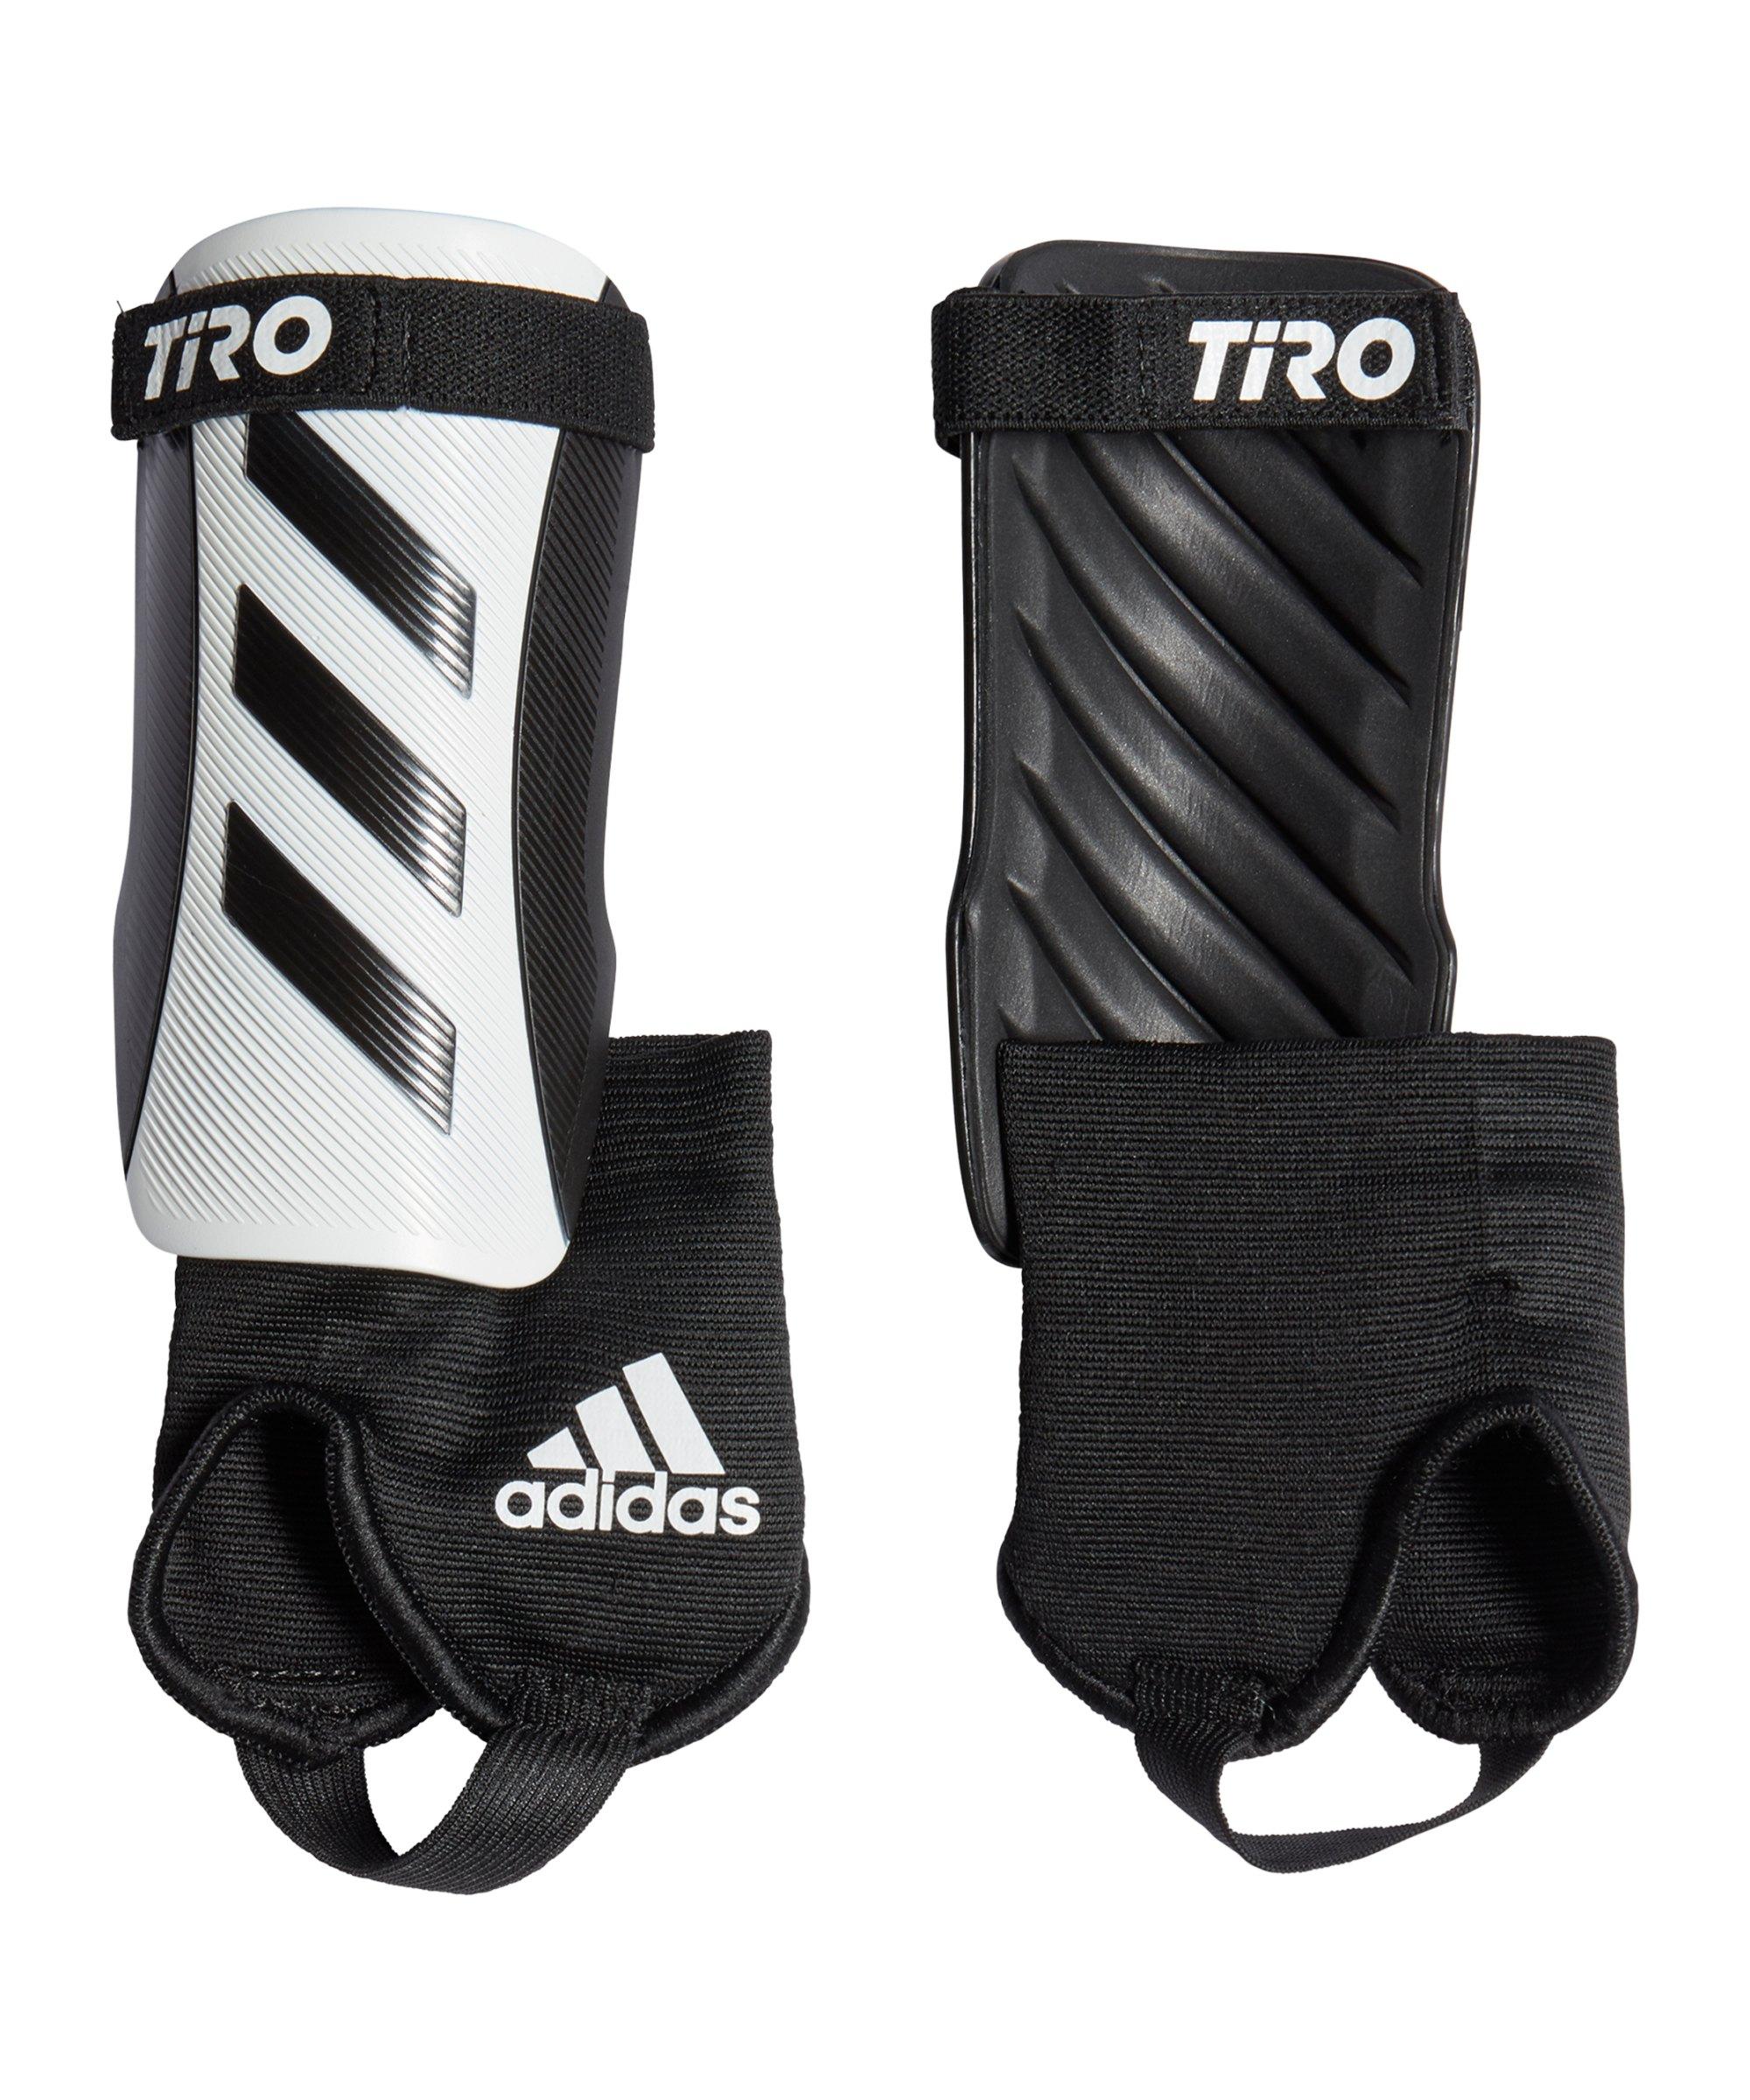 adidas Tiro MTC Schienbeinschoner Kids Weiss - weiss